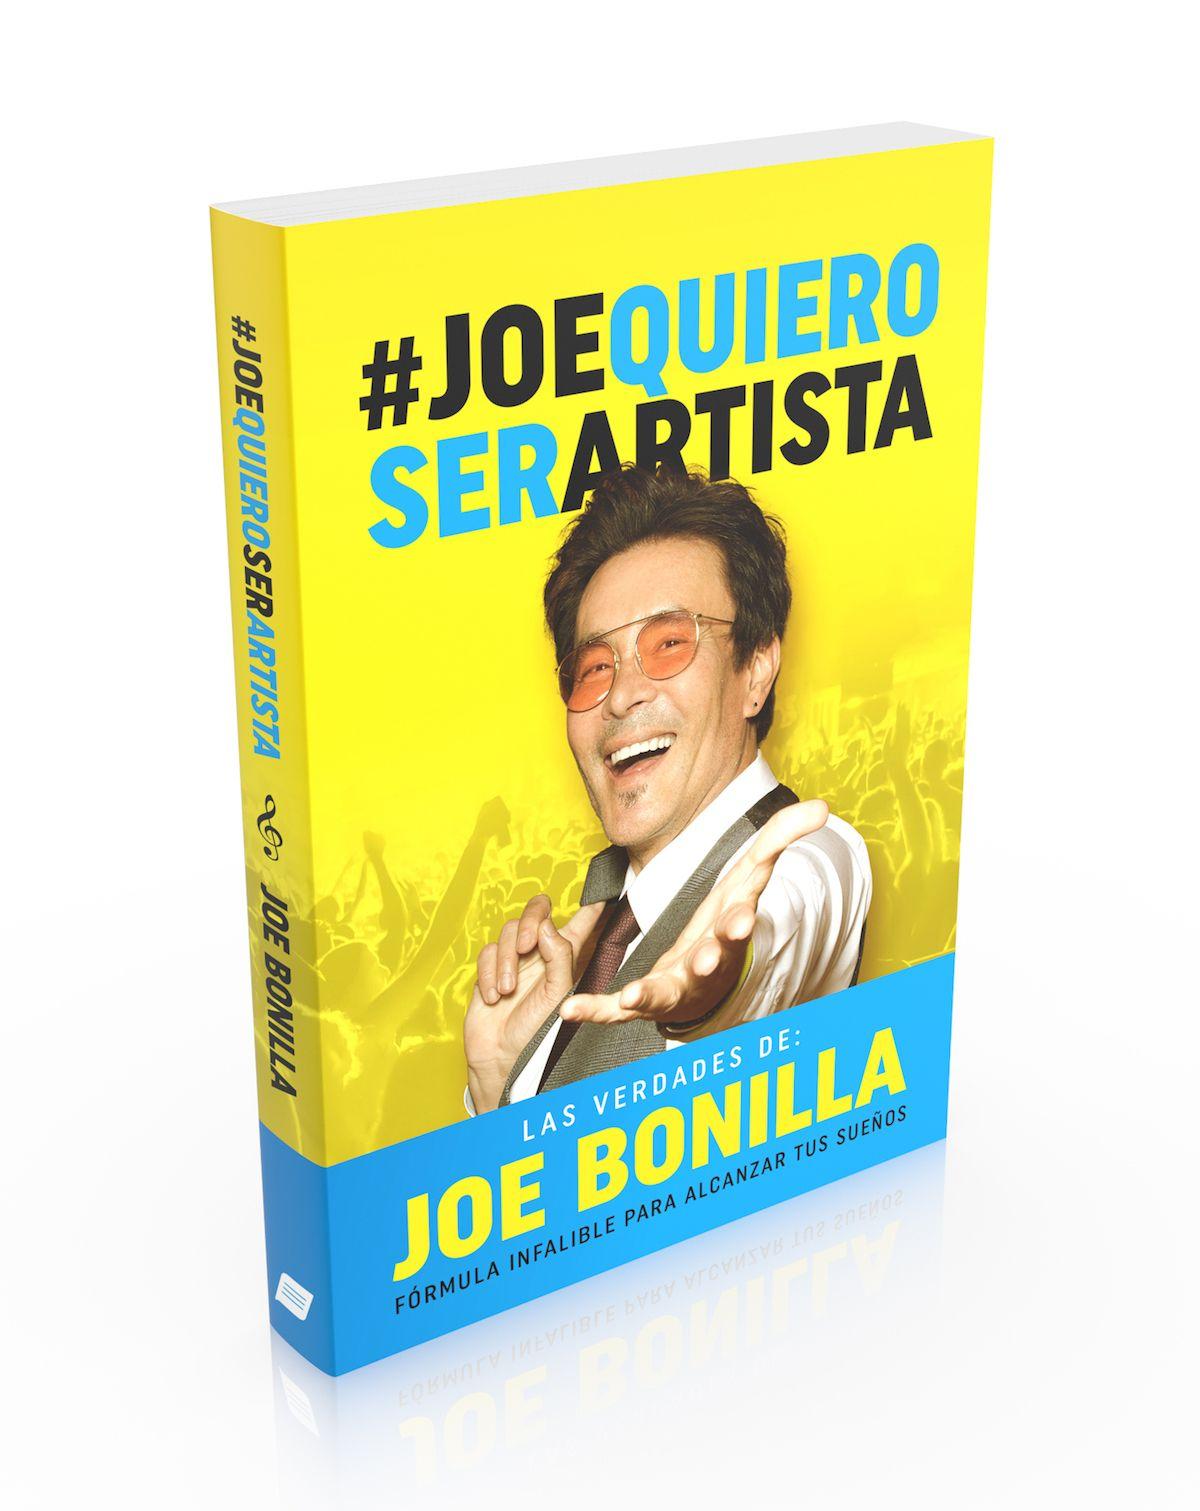 En esta imagen difundida por la editorial Página Azul, la portada del libro #JoeQuieroSerArtista de Joe Bonilla.